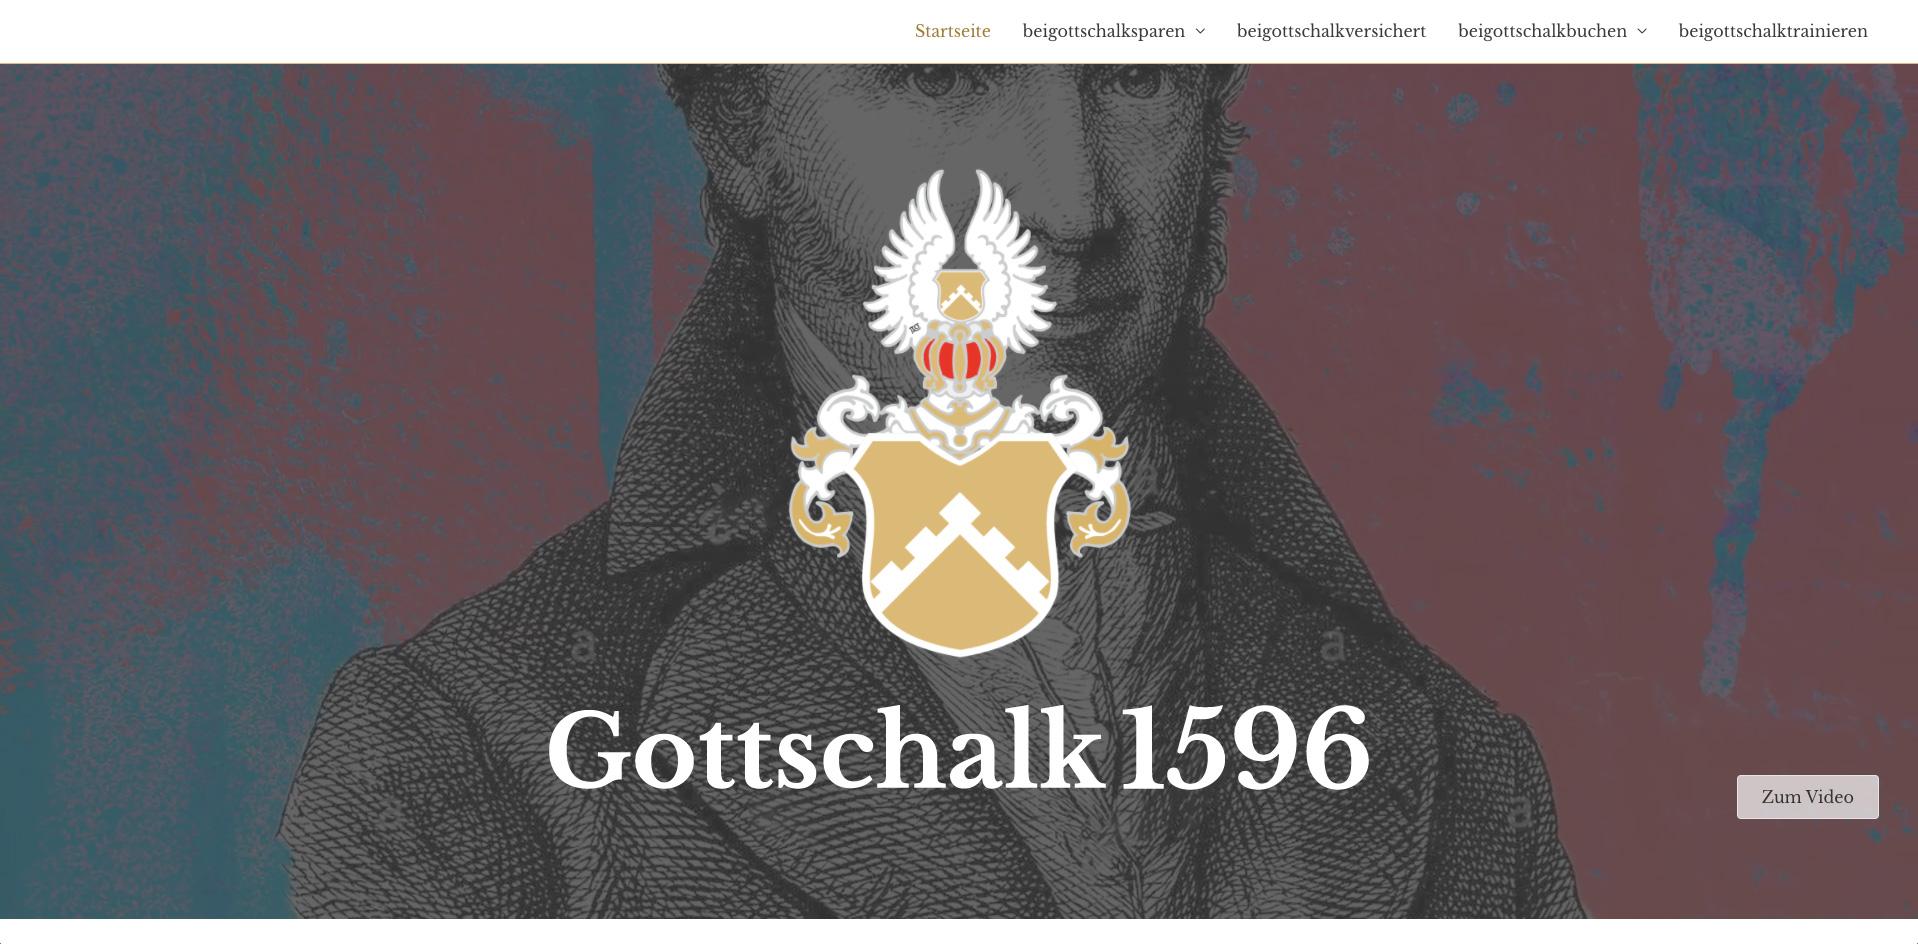 gottschalk1596